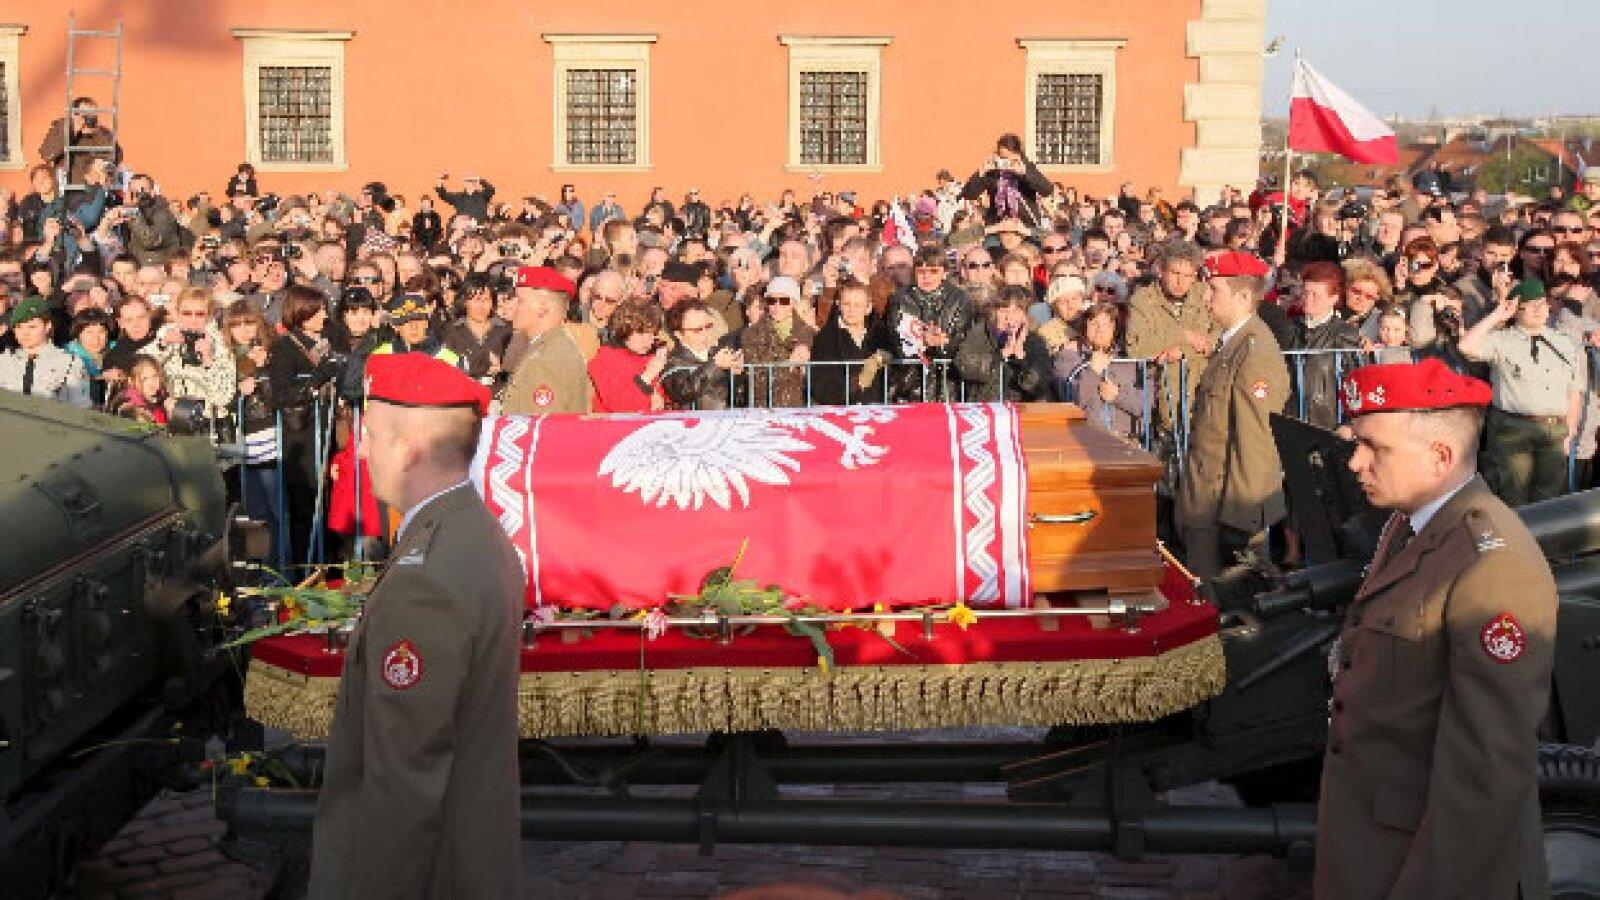 Cortejo fúnebre que contiene los restos mortales de la pareja presidencial